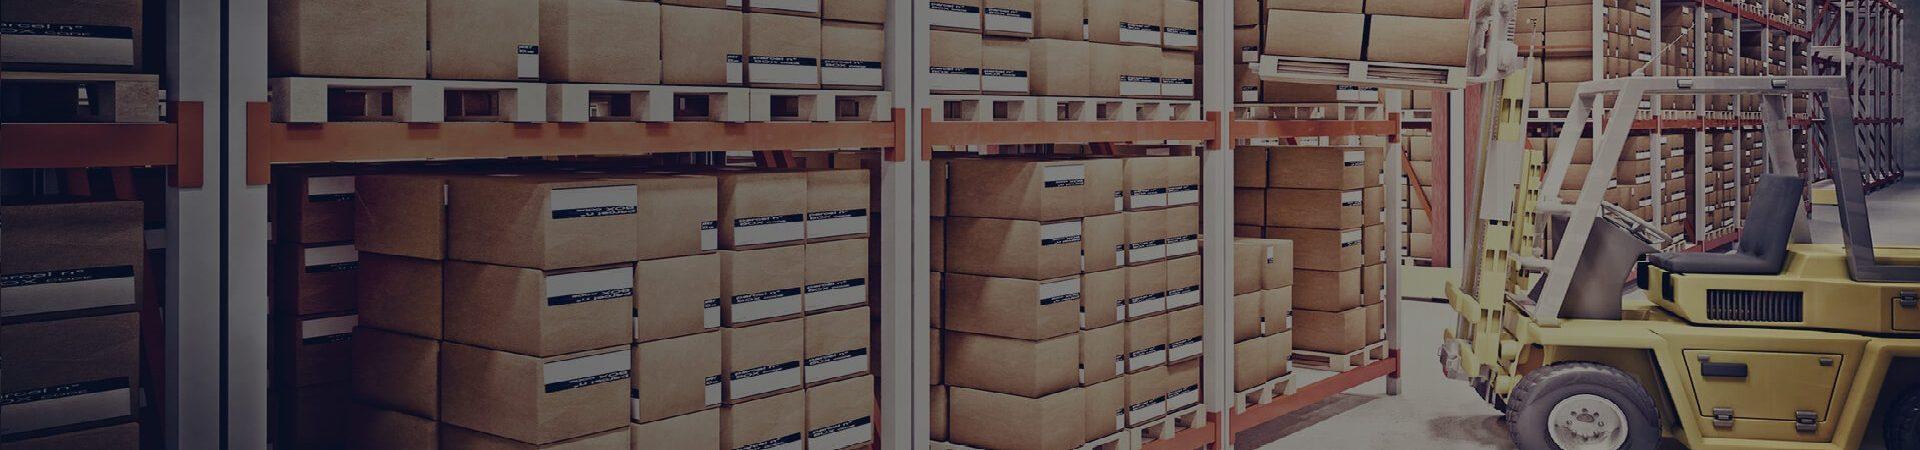 Работа на складах и предприятиях